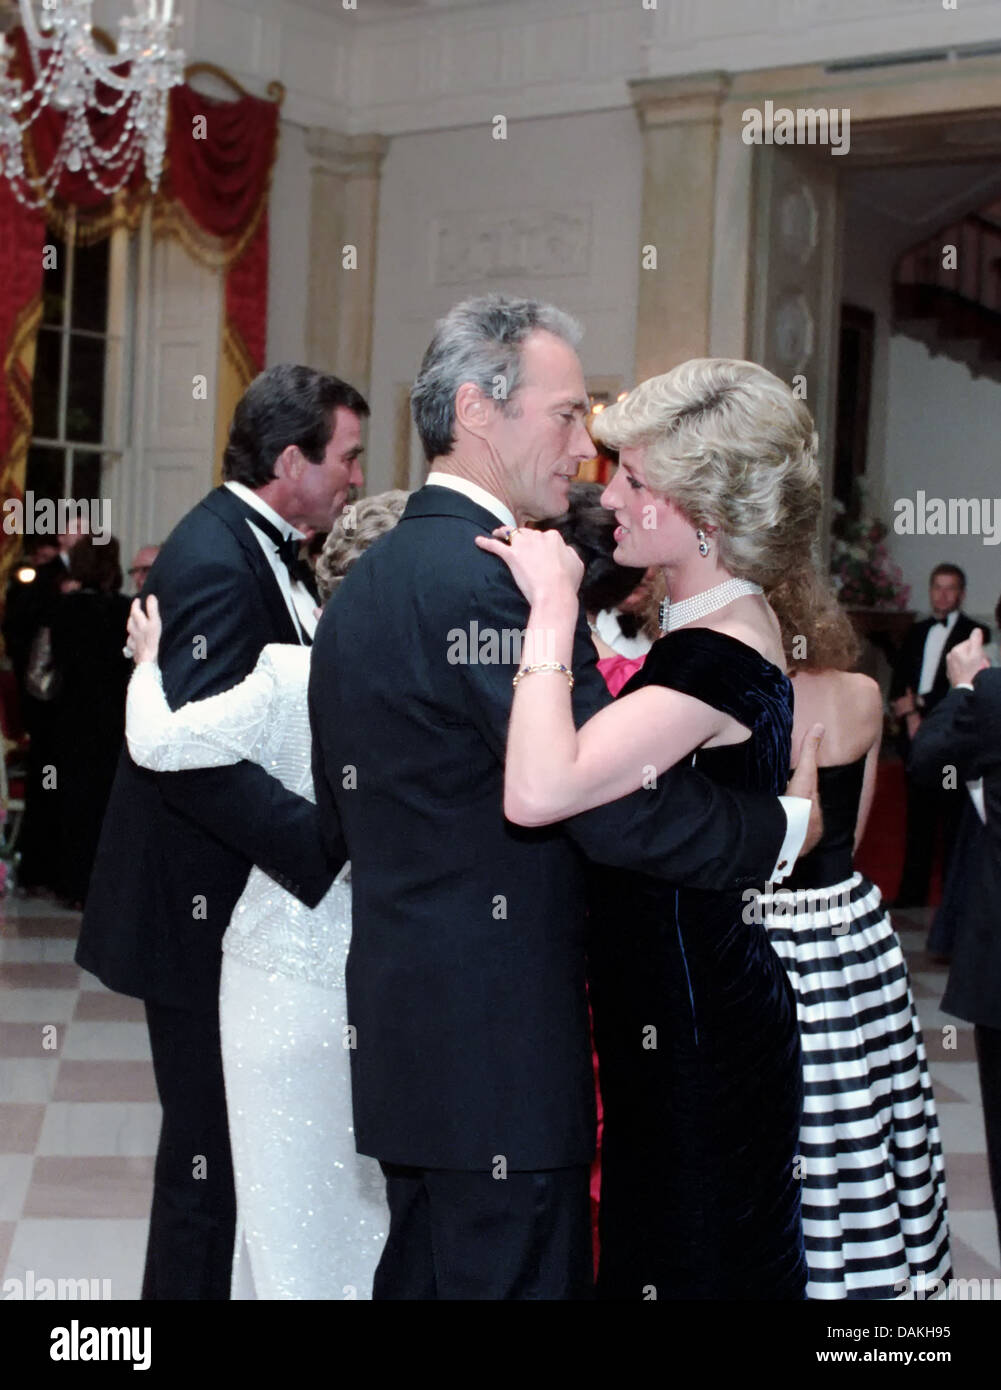 Diana, Princess of Wales Tänze mit dem Schauspieler Clint Eastwood während einer White House-Gala-Dinner in ihrer Ehre 9. November 1985 in Washington, DC. Stockfoto